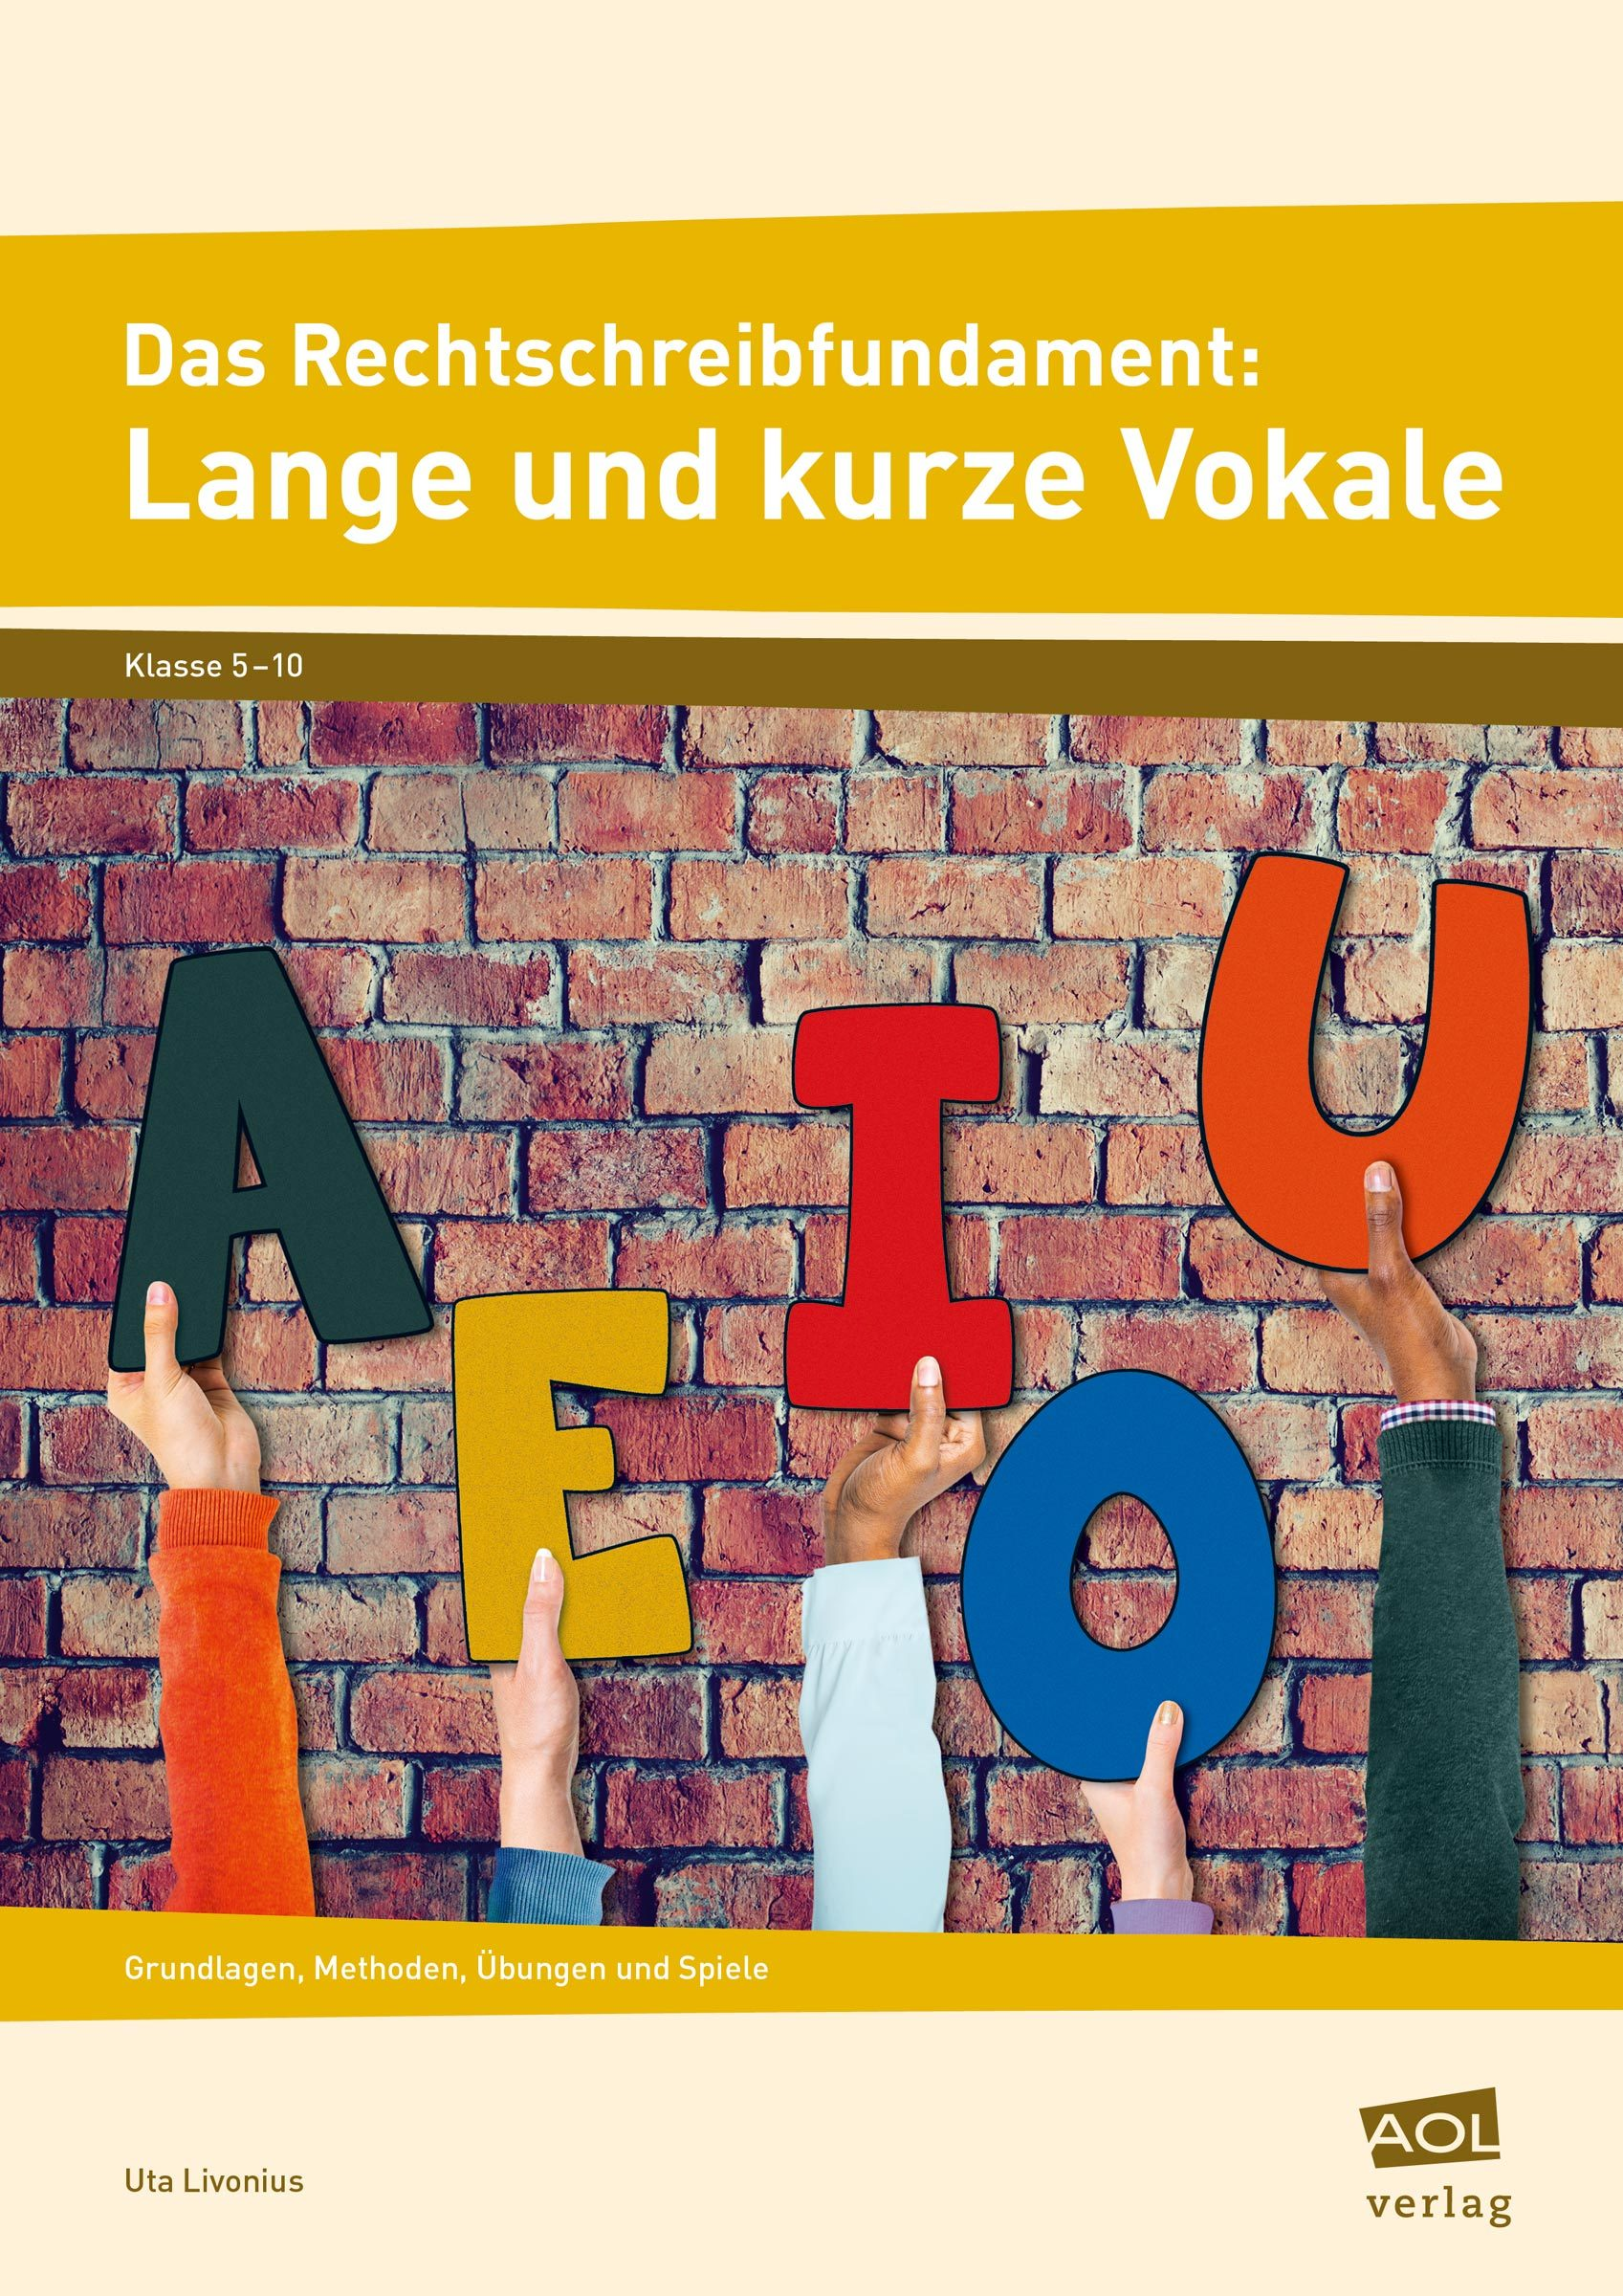 Das Rechtschreibfundament: Lange und kurze Vokale | LRS Coaching Reinbek